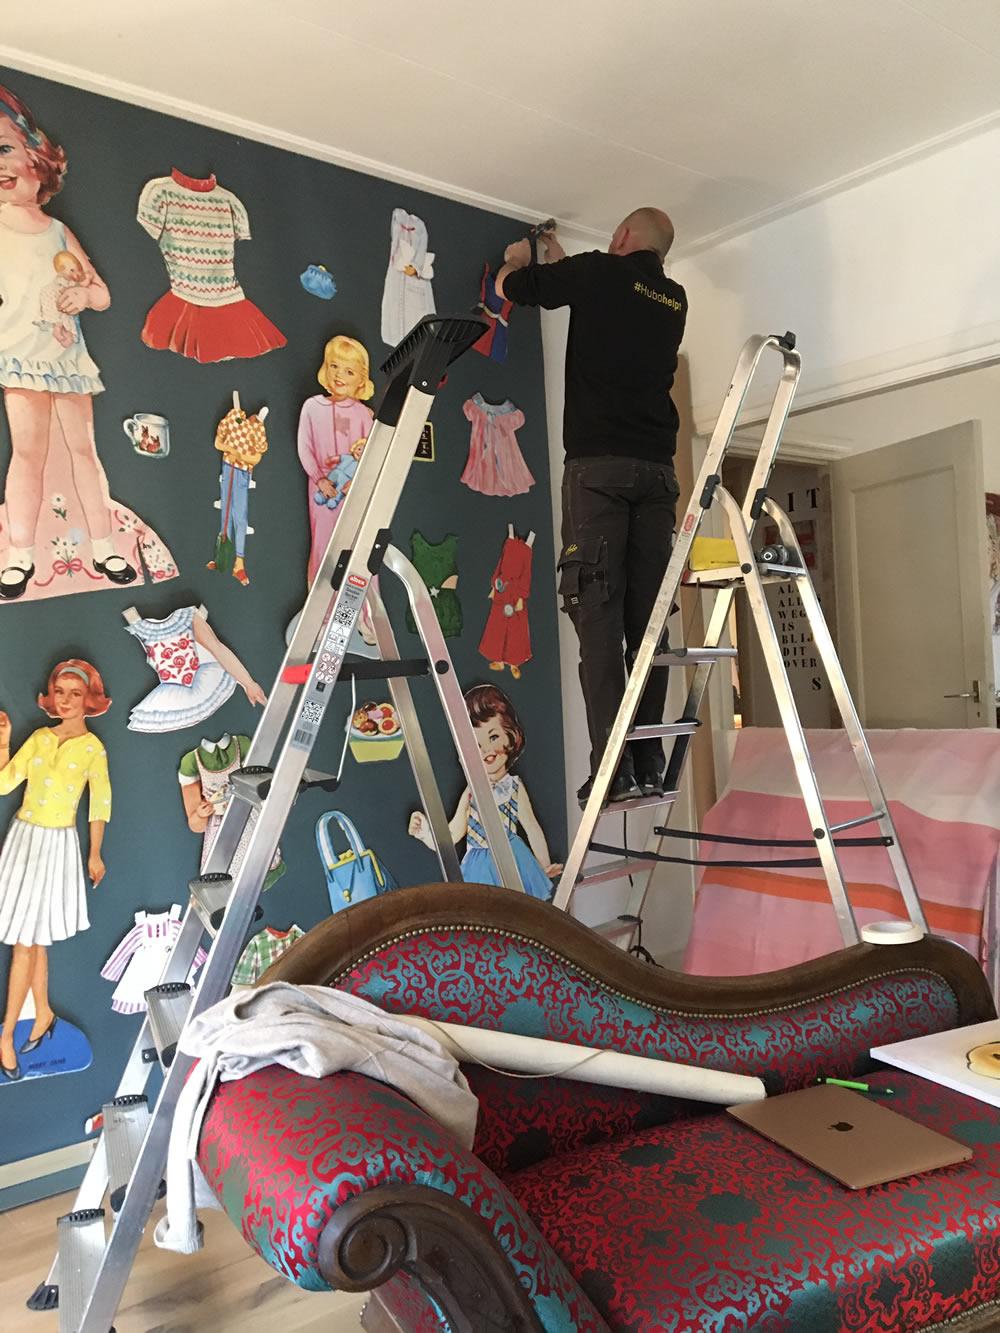 Brigit van der Werff - Behang